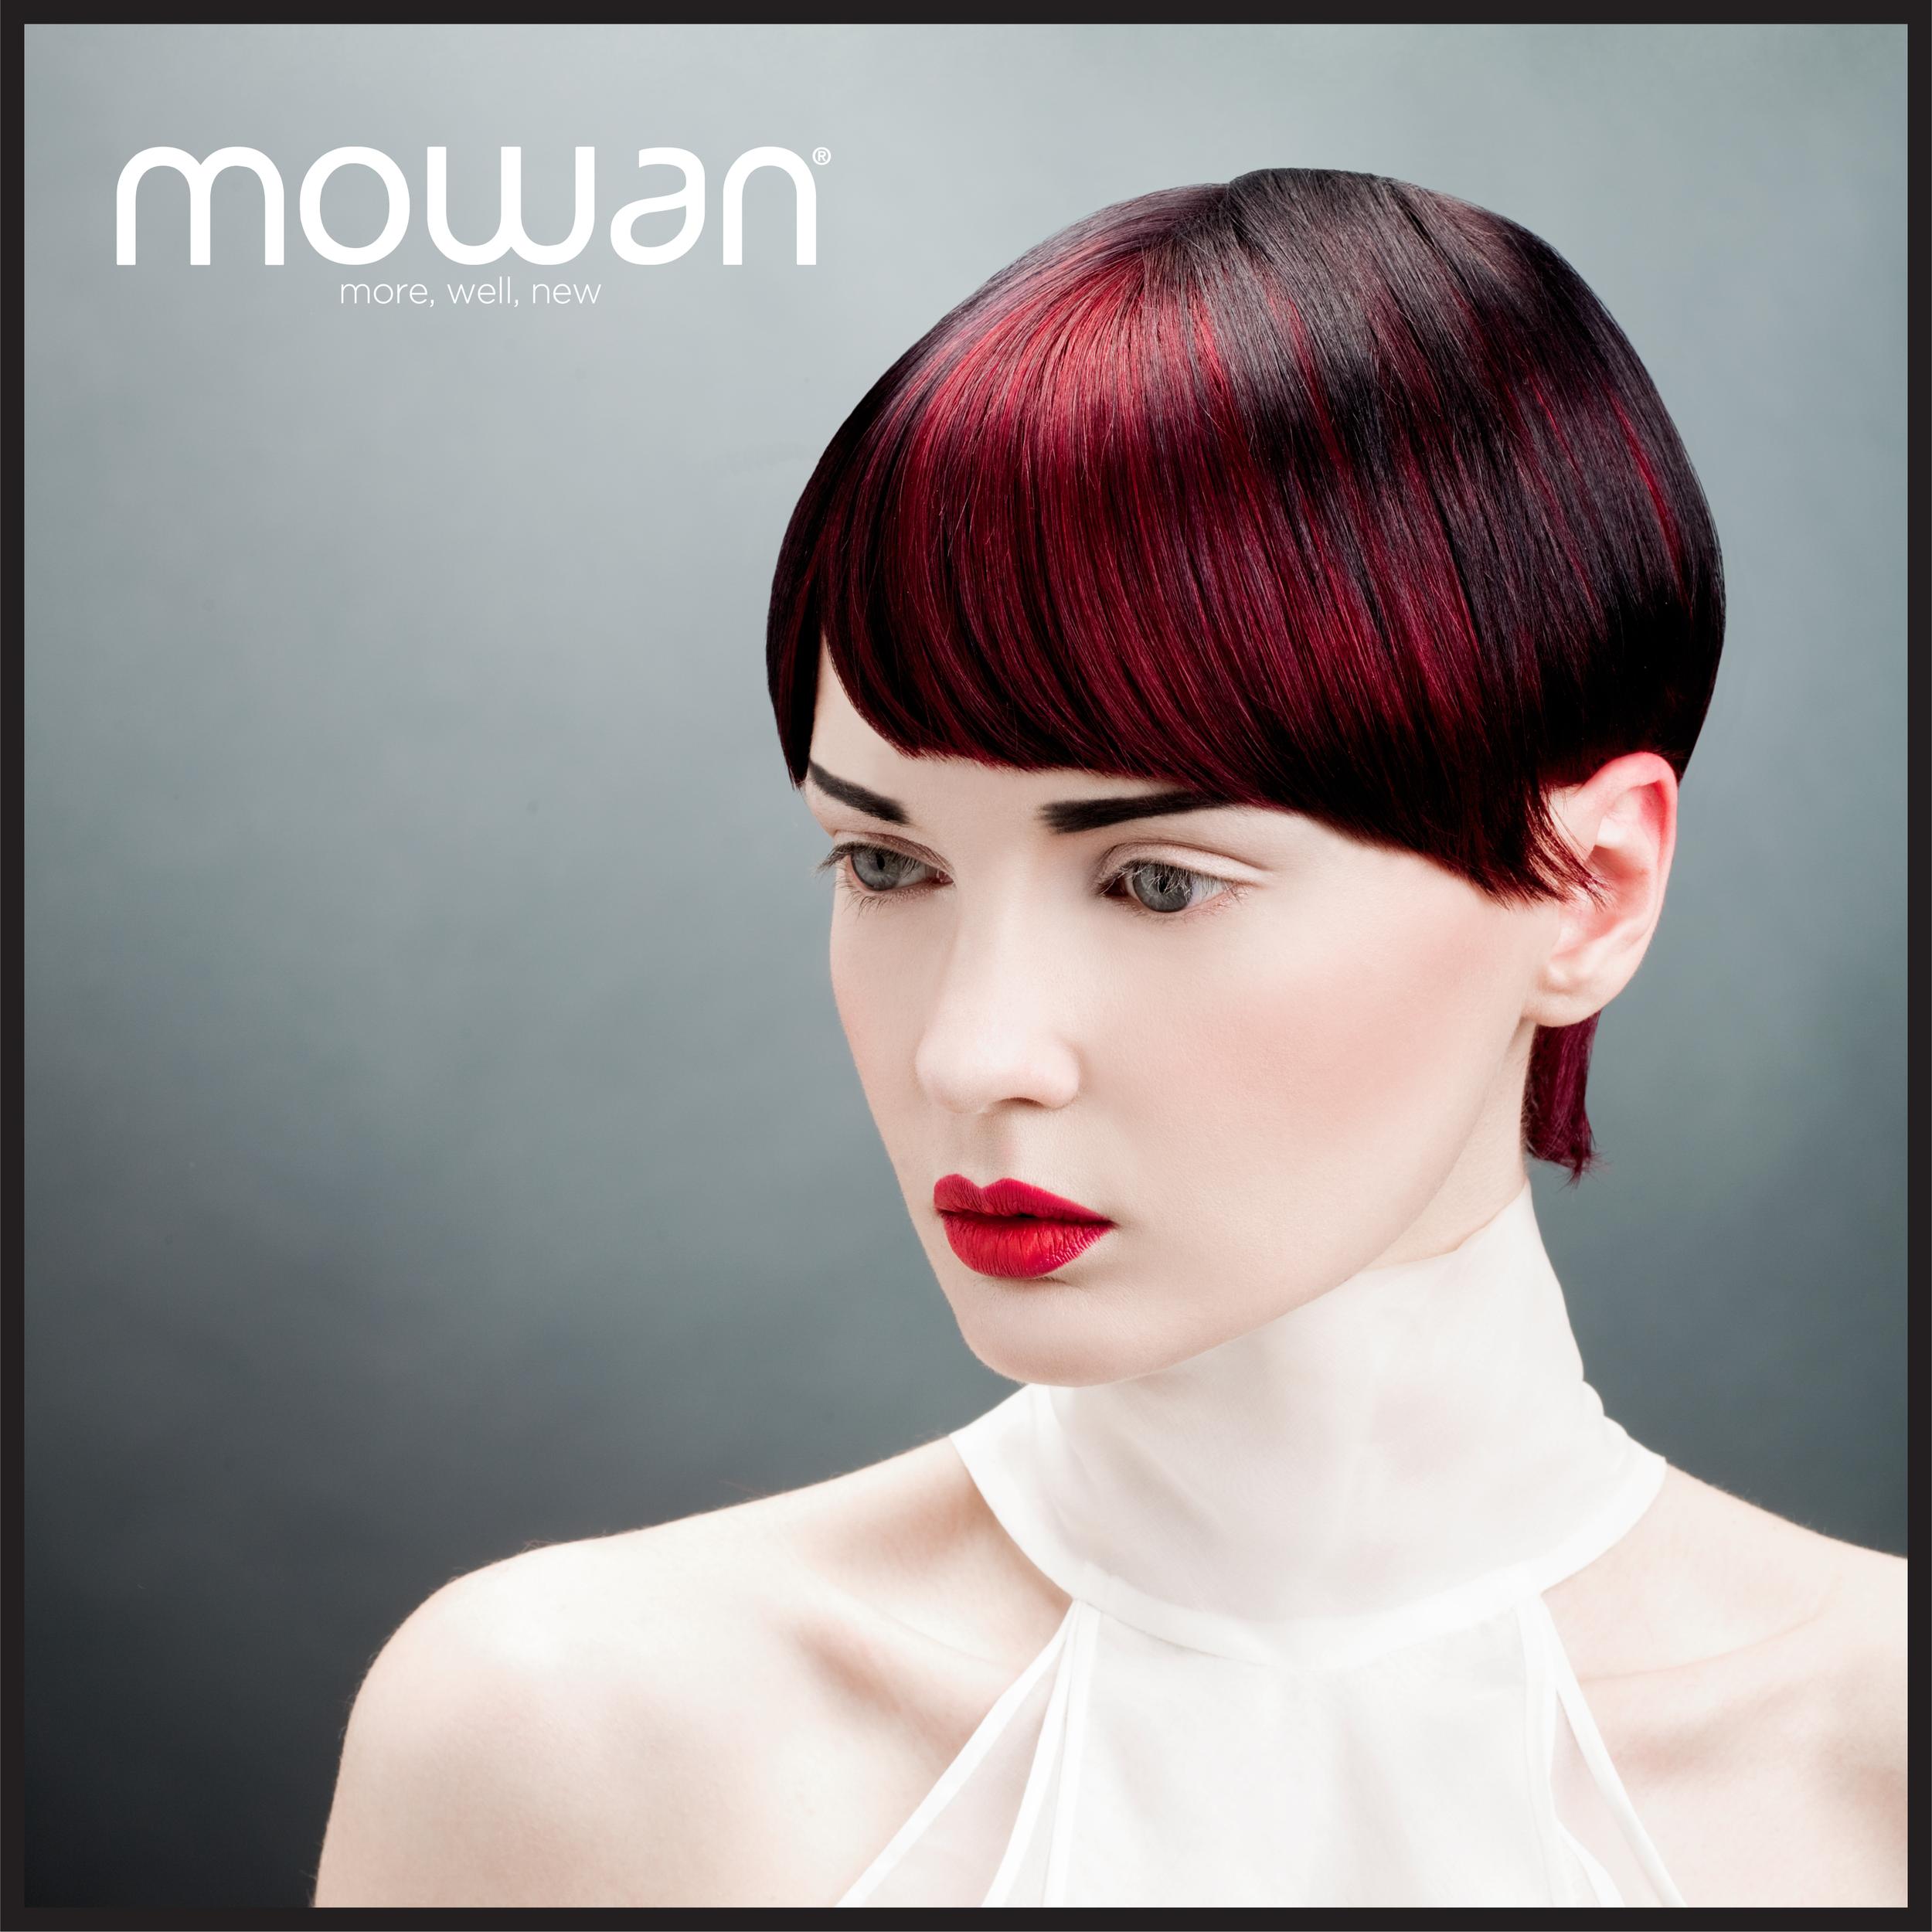 Mowan-09.png